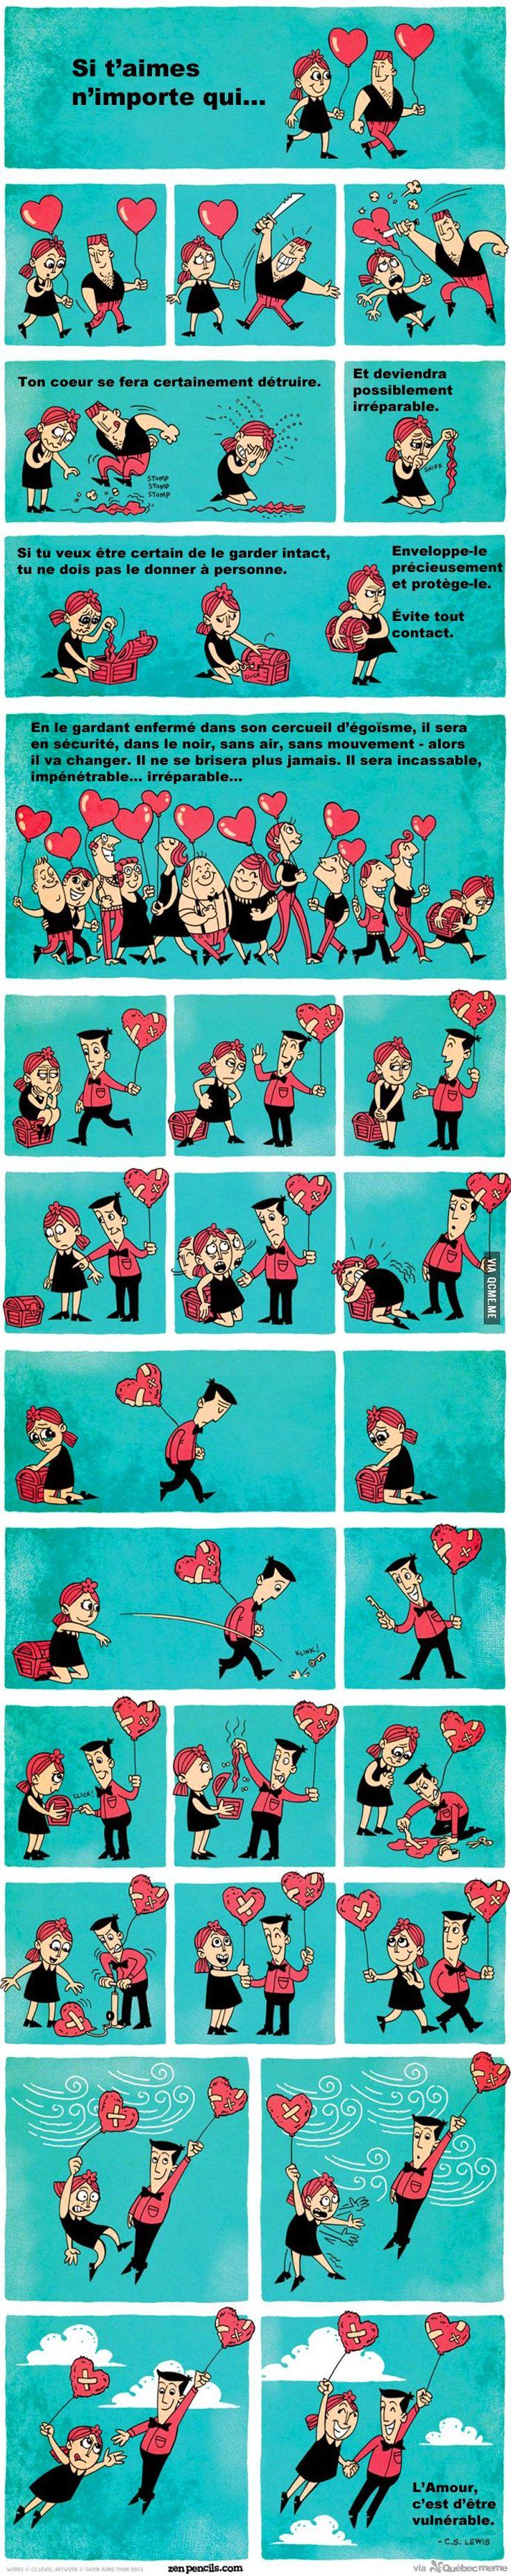 Ton cœur se fera certainement détruire.  Et deviendra possiblement irréparable...